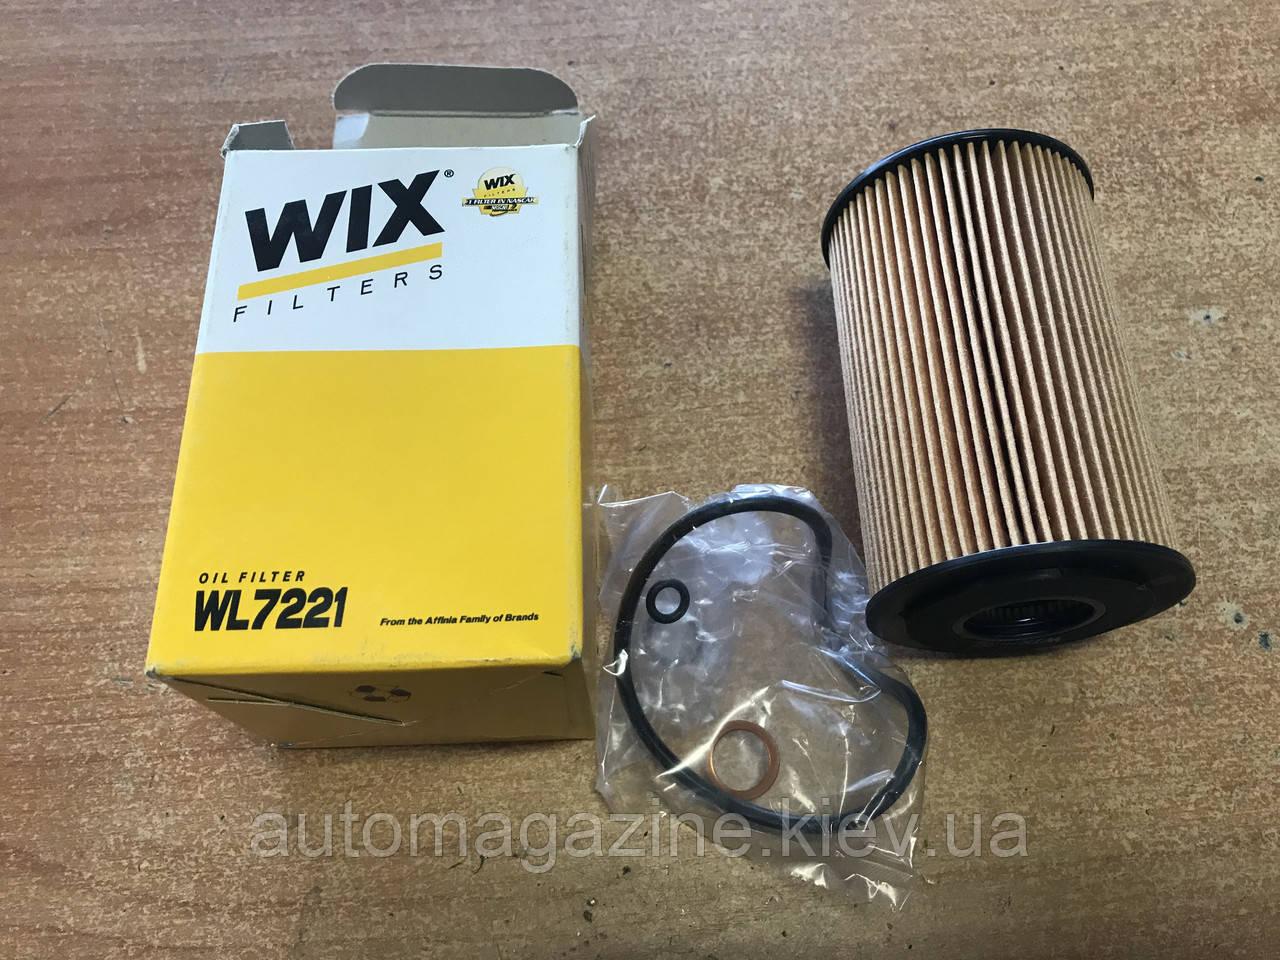 Фильтр масляный WL 7221 (OE649/4)